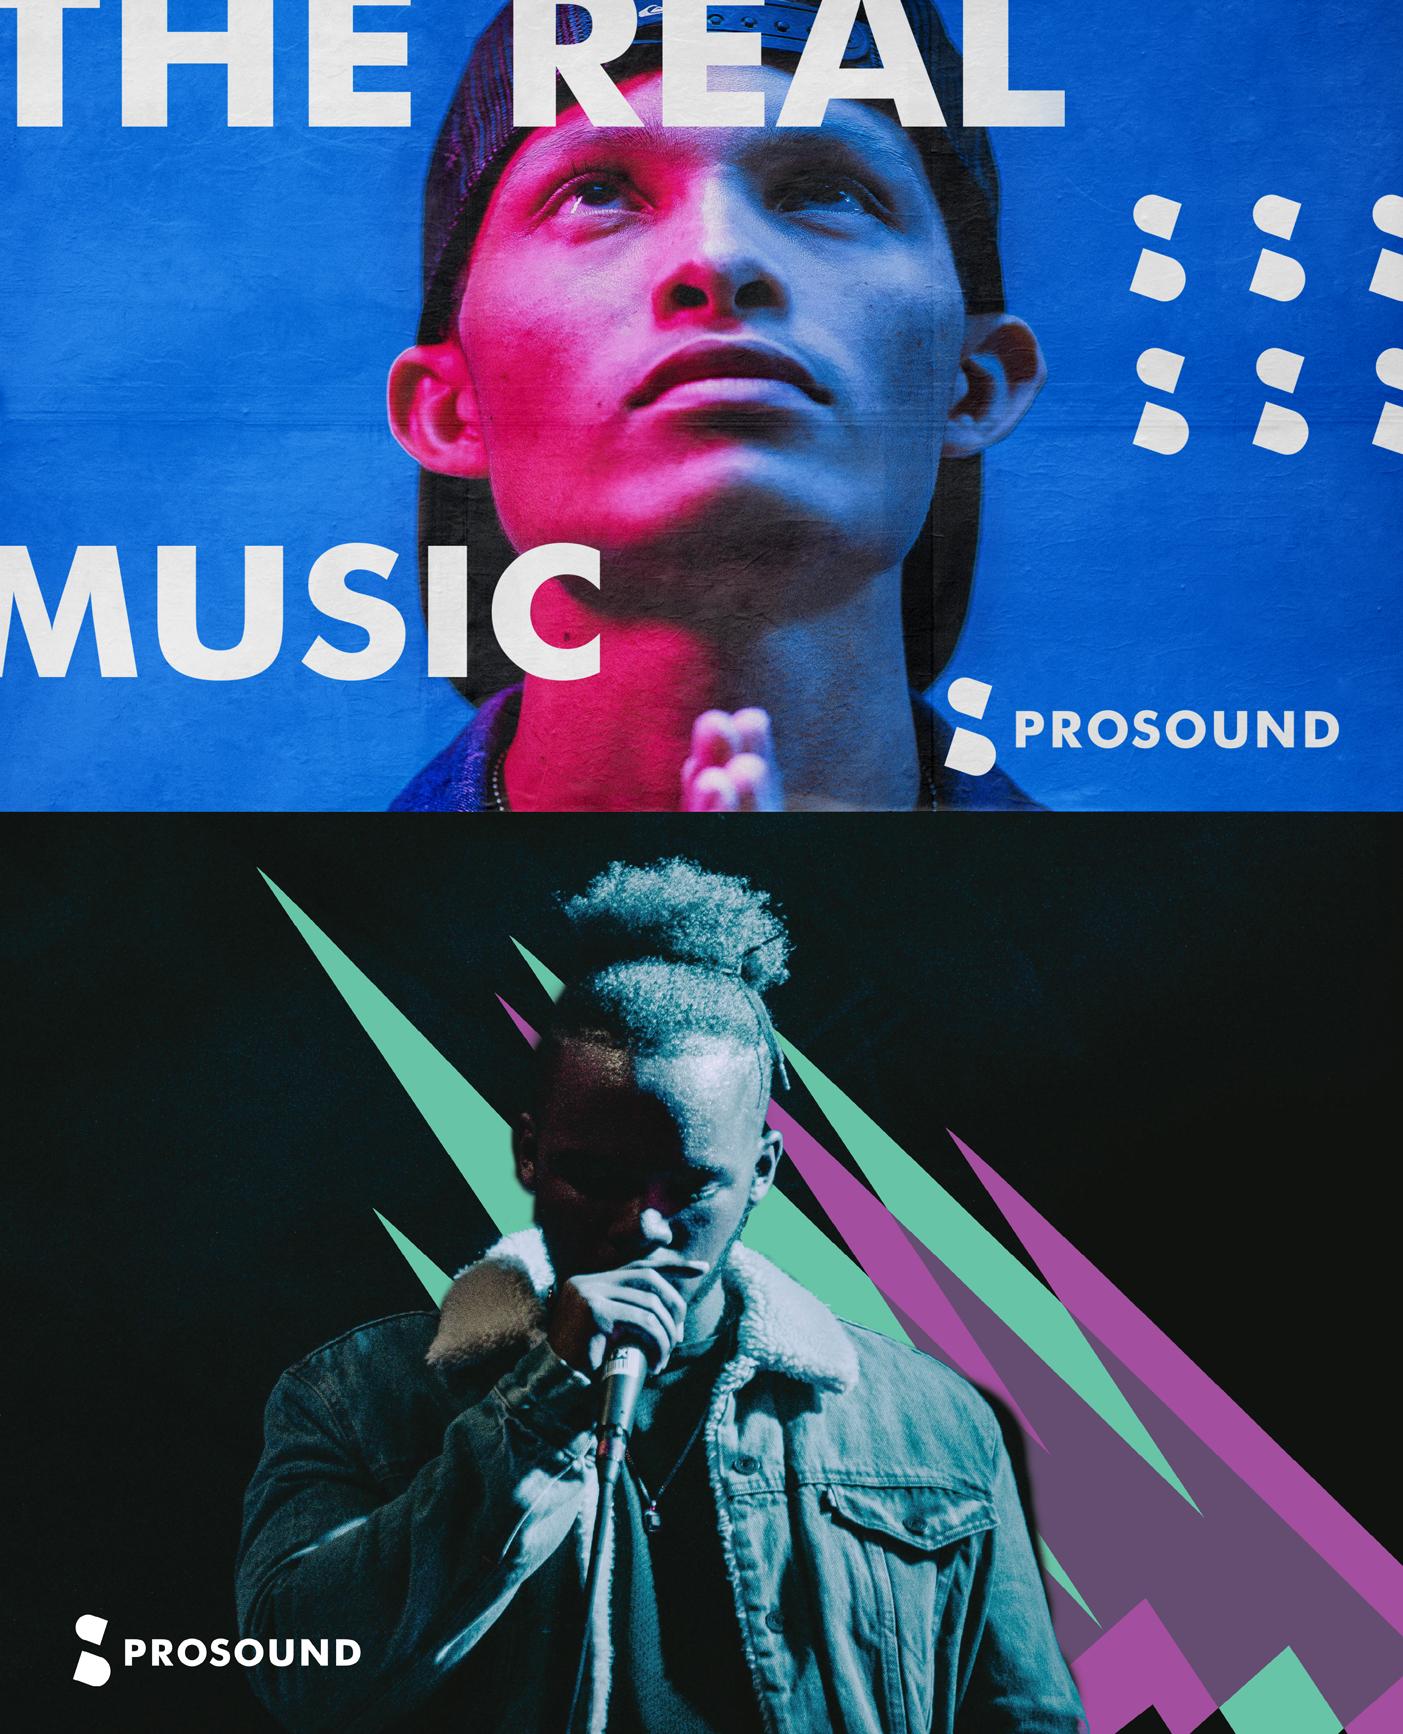 poster design for music  https://www.prosound.bg/